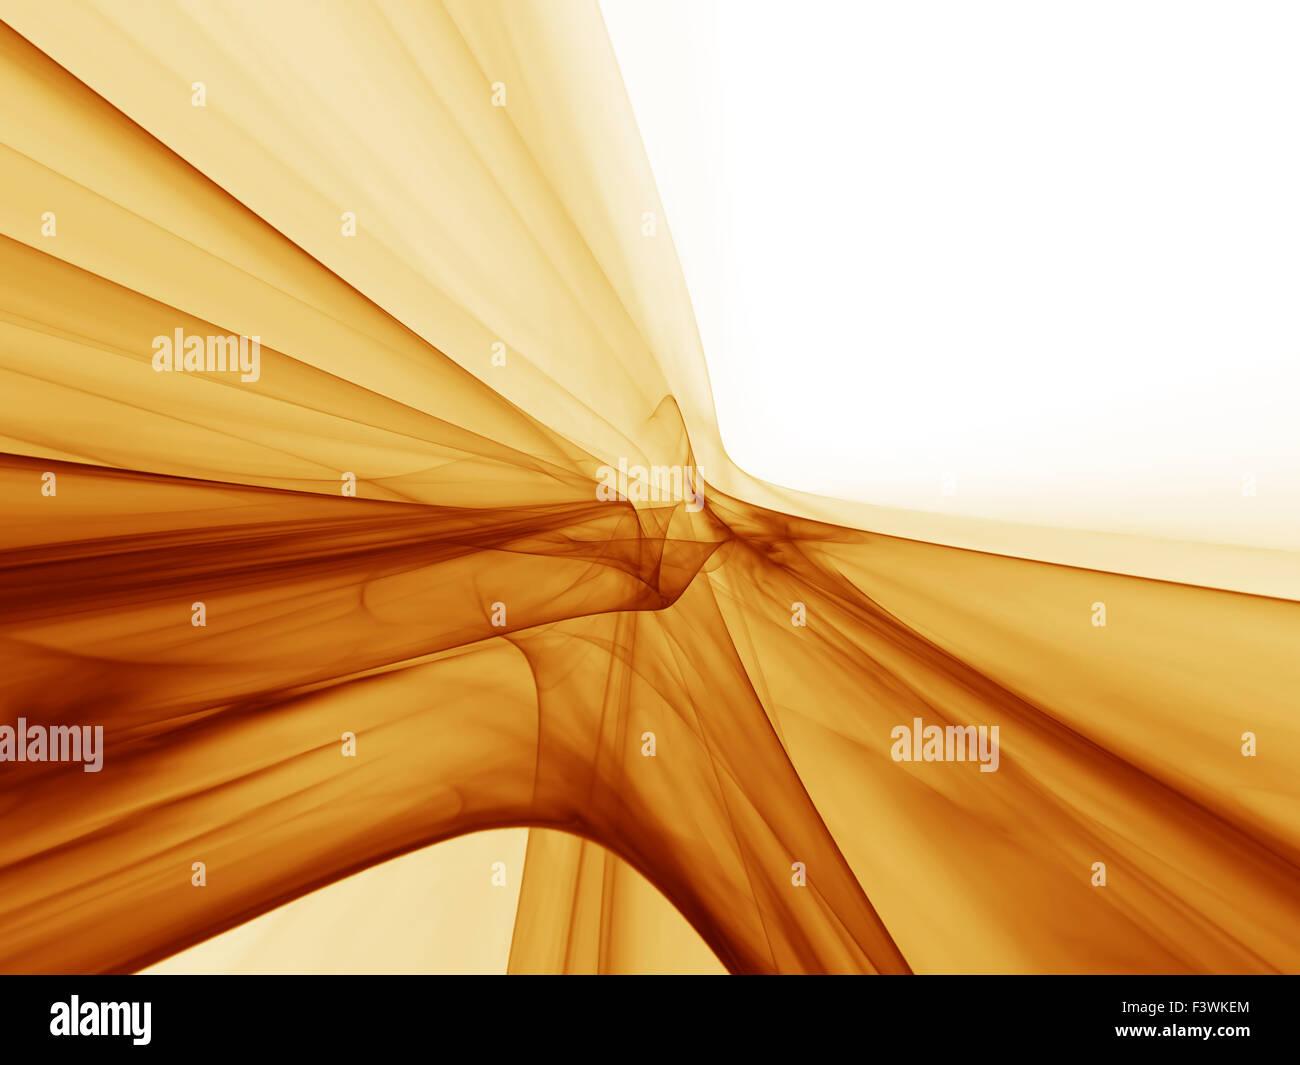 Dynamic golden motion, il flusso di energia Immagini Stock